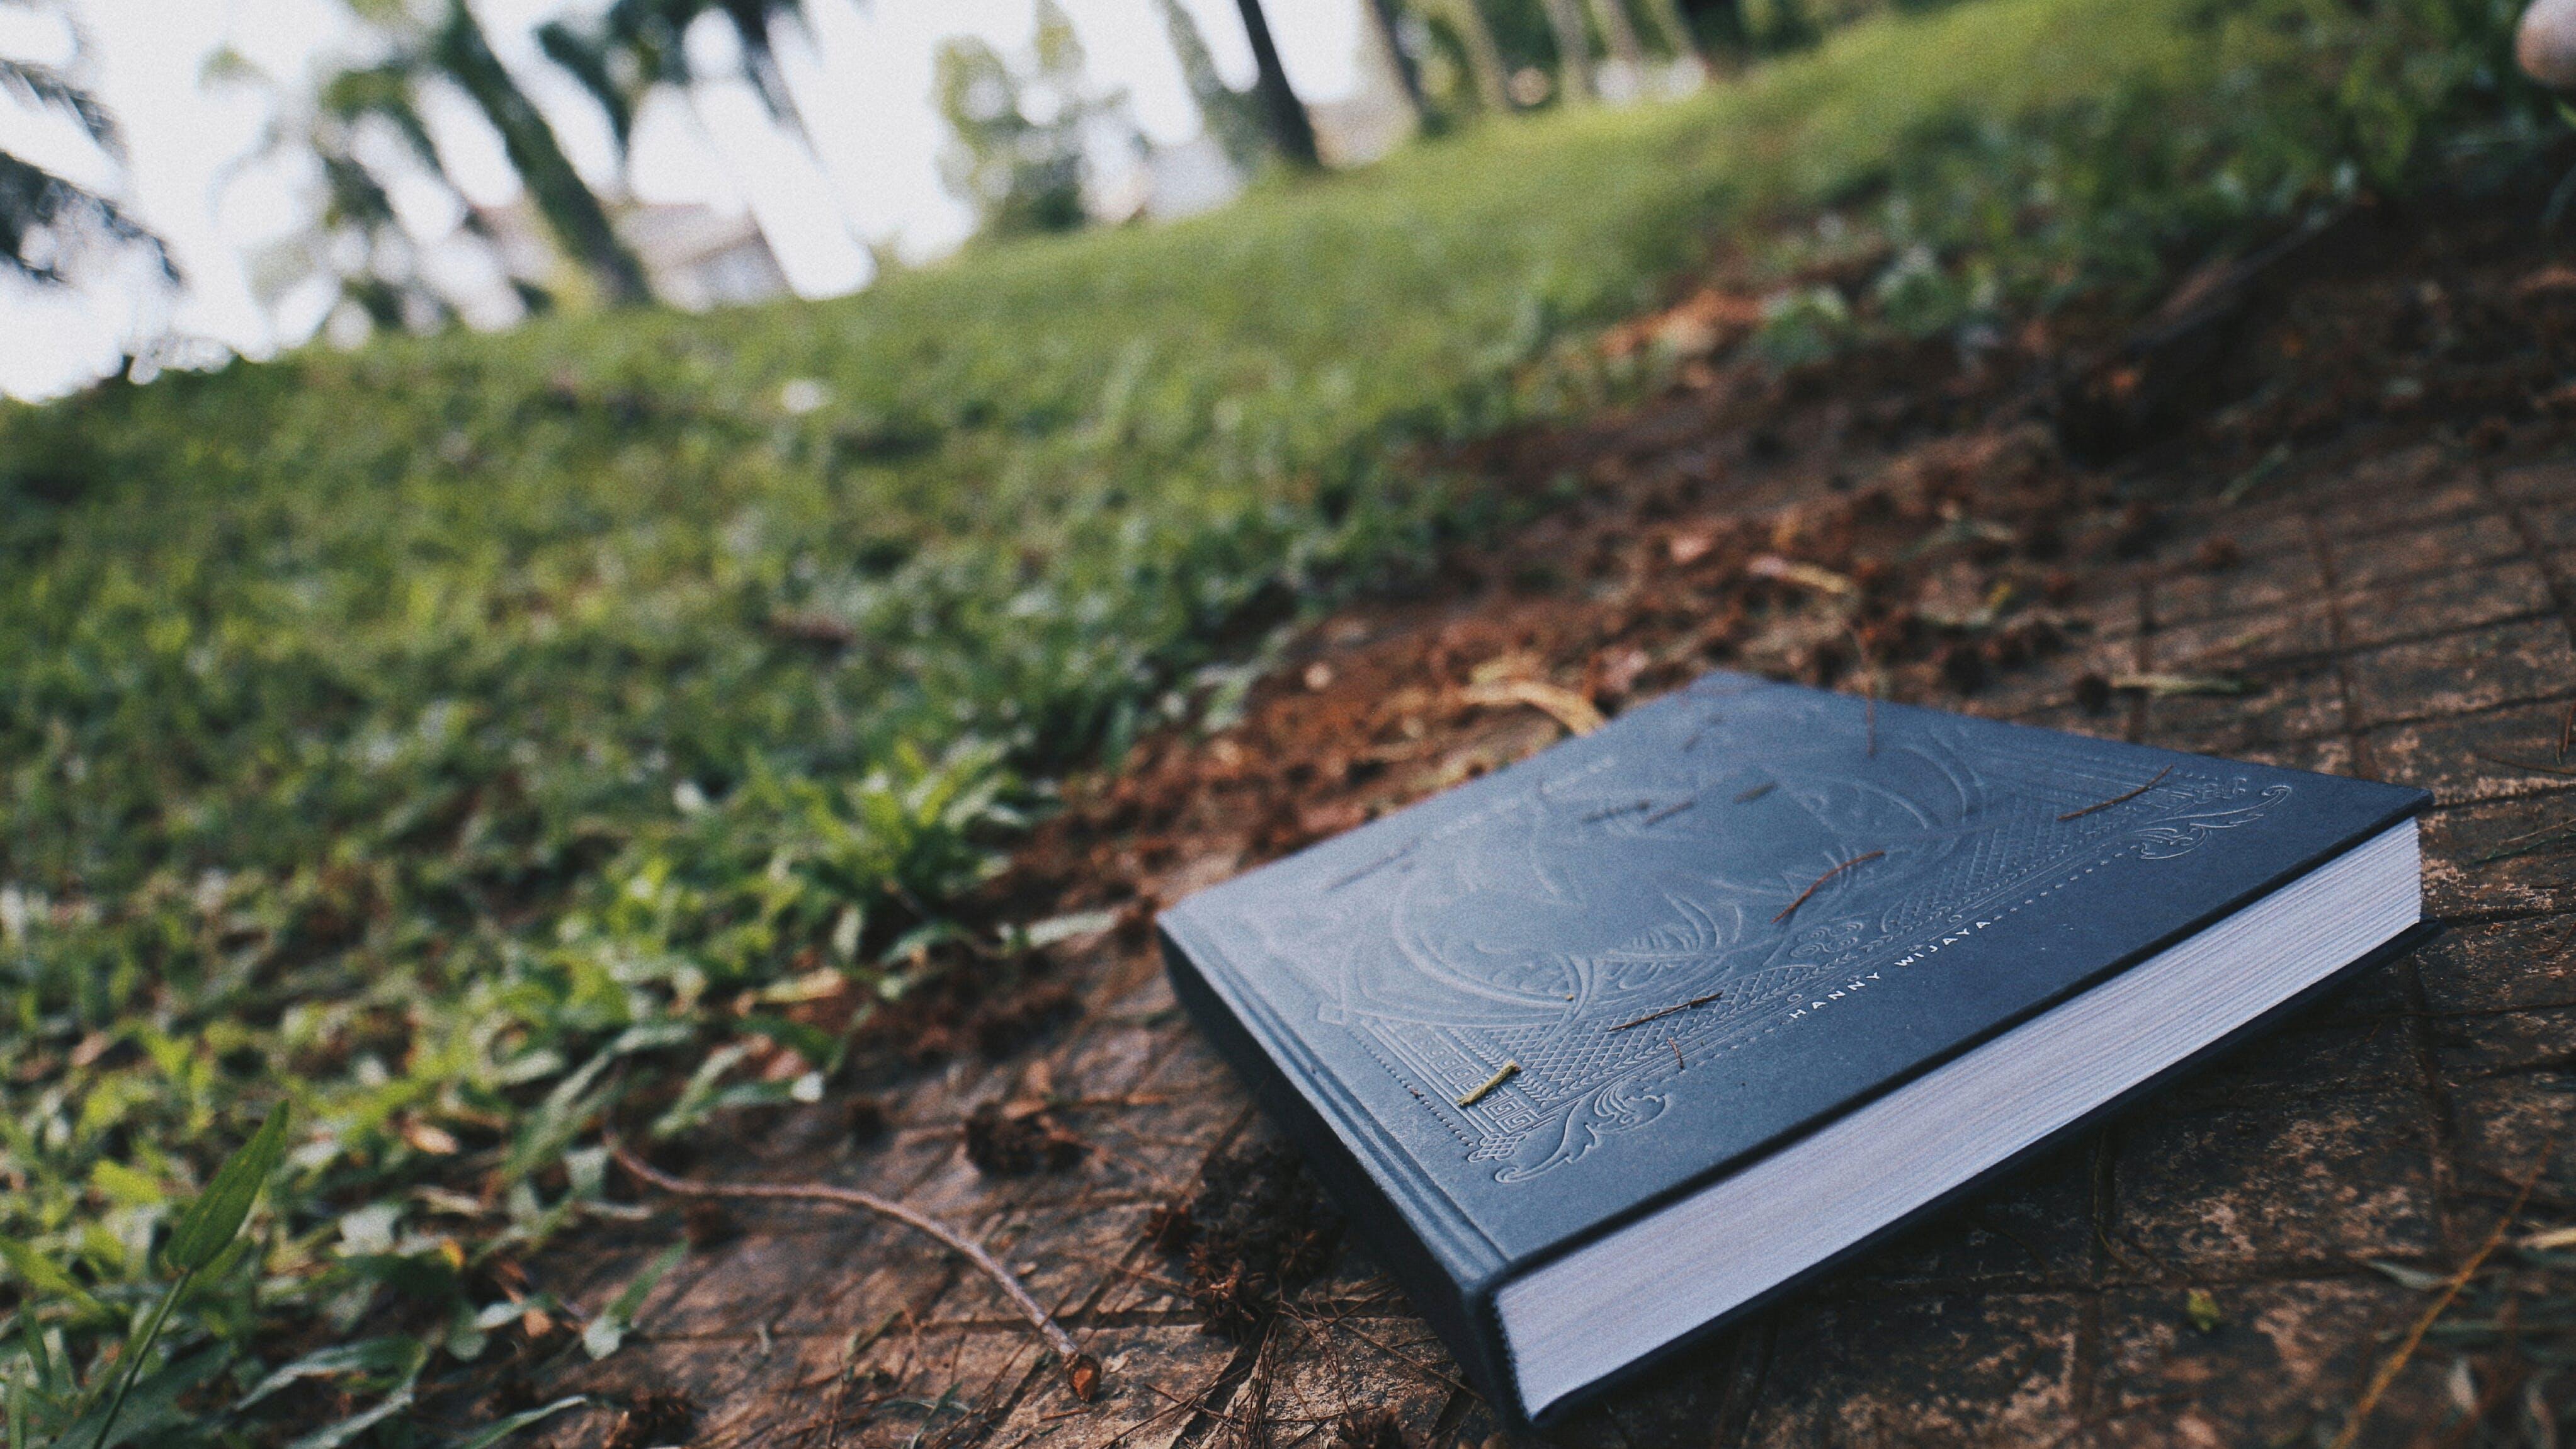 Black Book on Brown Floor